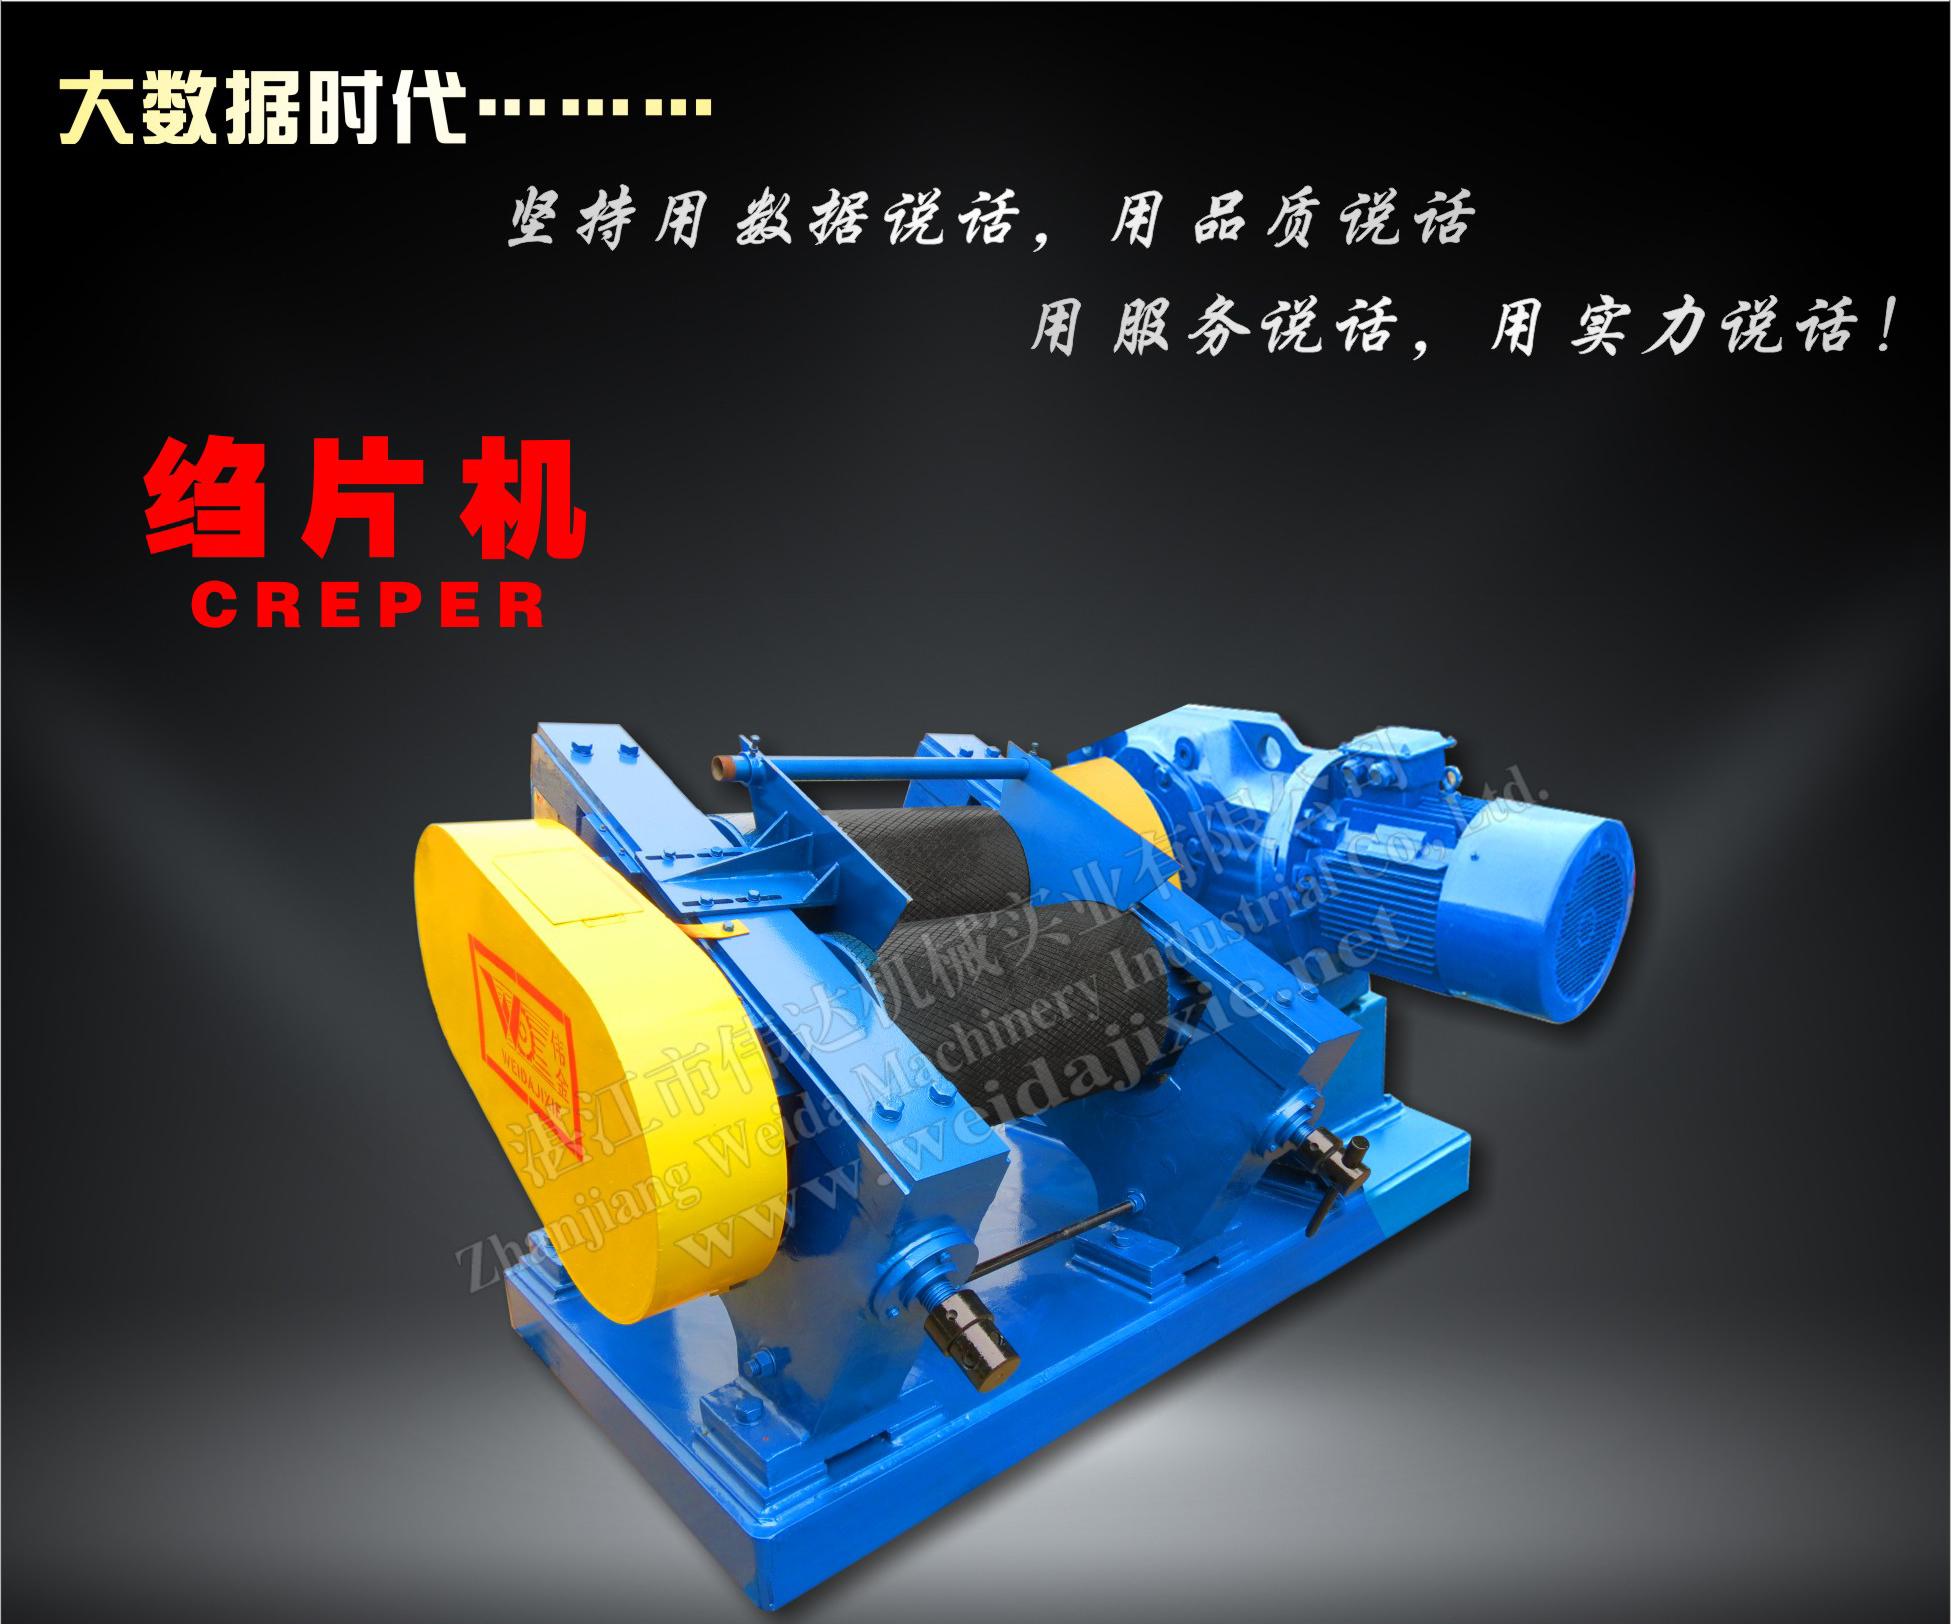 橡胶脱水机 伟金 橡胶绉片机ZP200*600 压水机